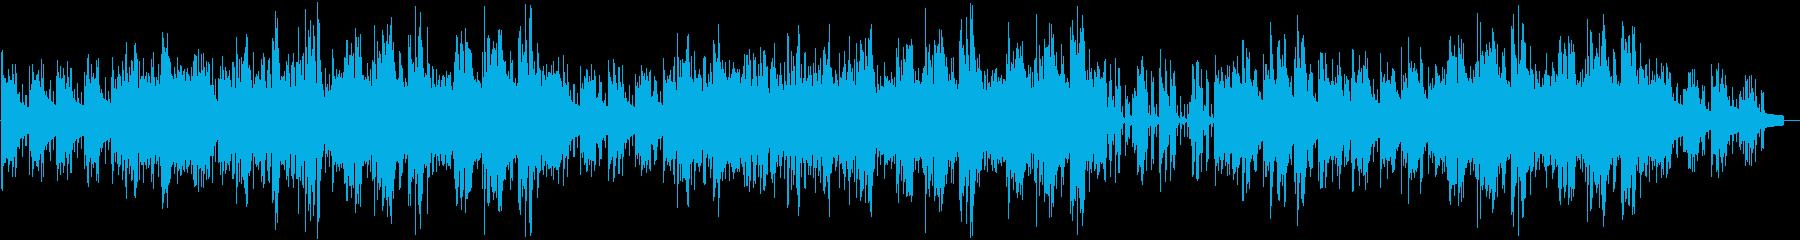 しっとりとおしゃれなジャズピアノ   の再生済みの波形